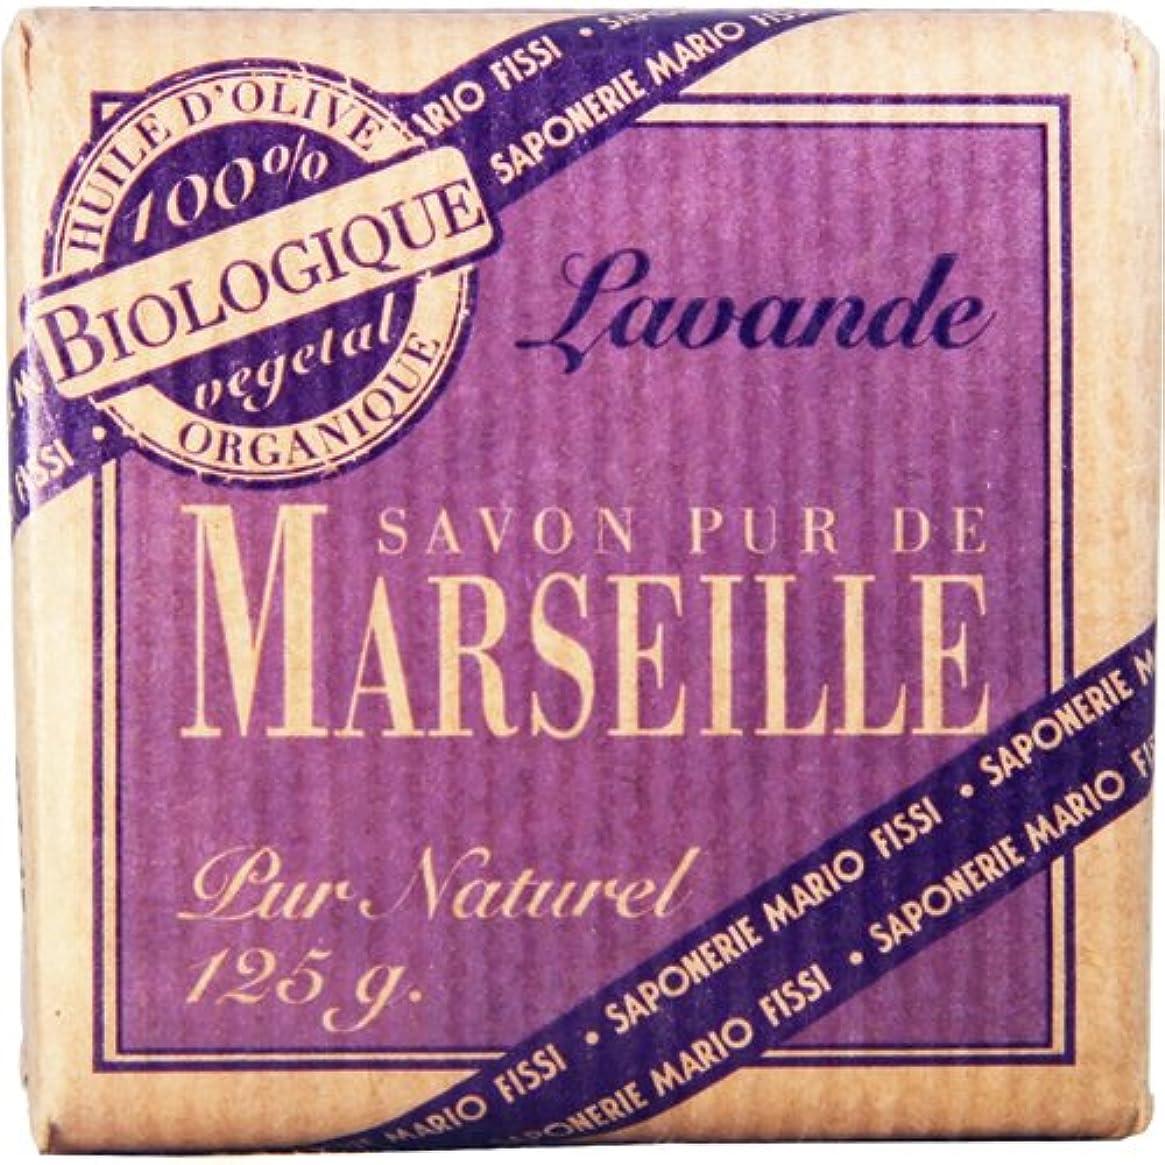 助手戦う疑いSaponerire Fissi マルセイユシリーズ マルセイユソープ 125g Lavender ラベンダー